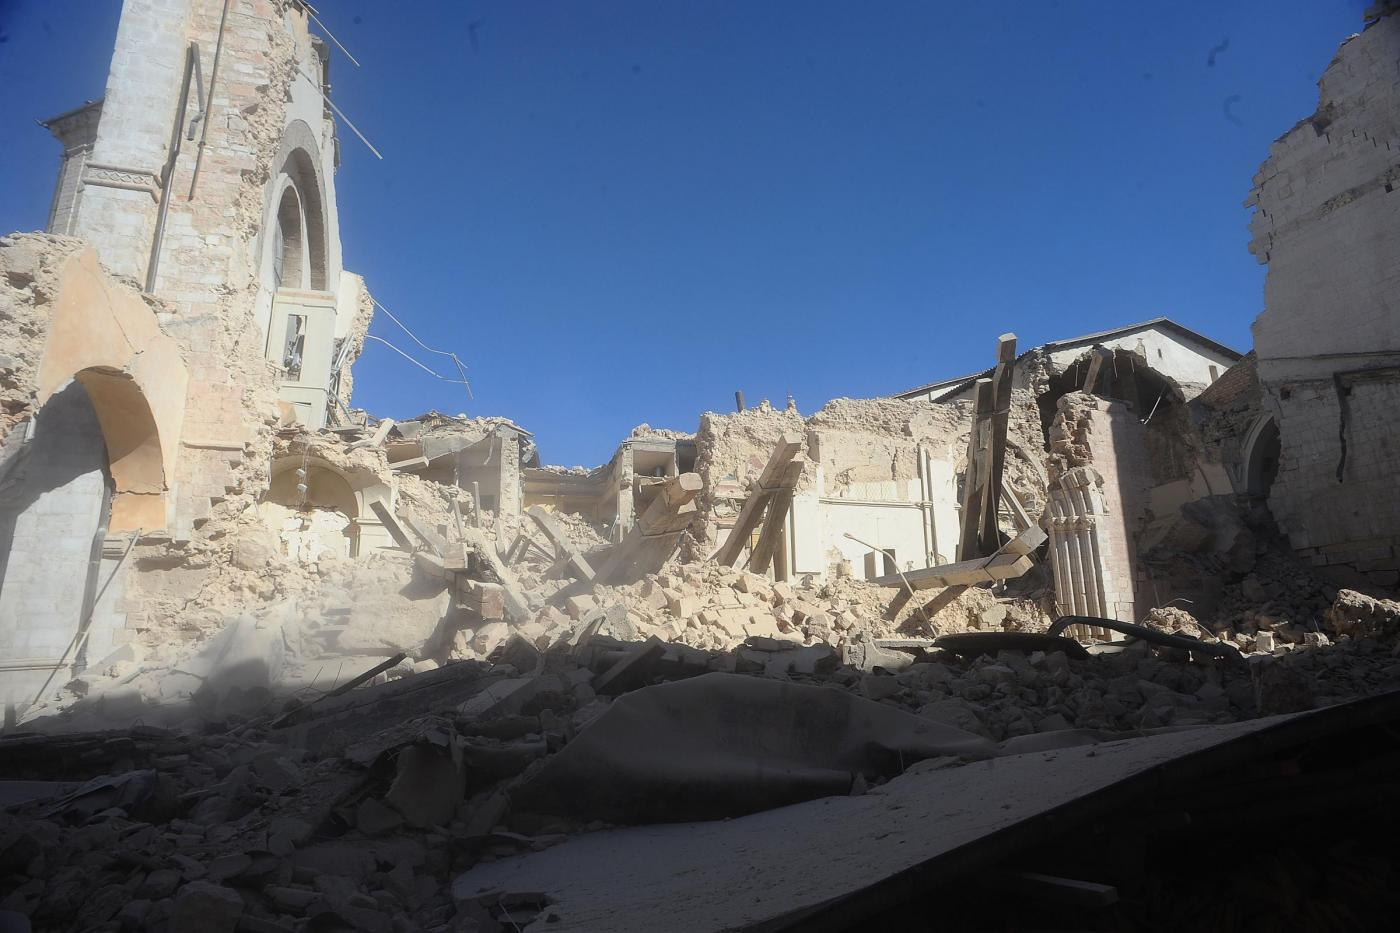 Terremoto Umbria e Marche, oltre 25mila gli sfollati: notte di scosse e paura